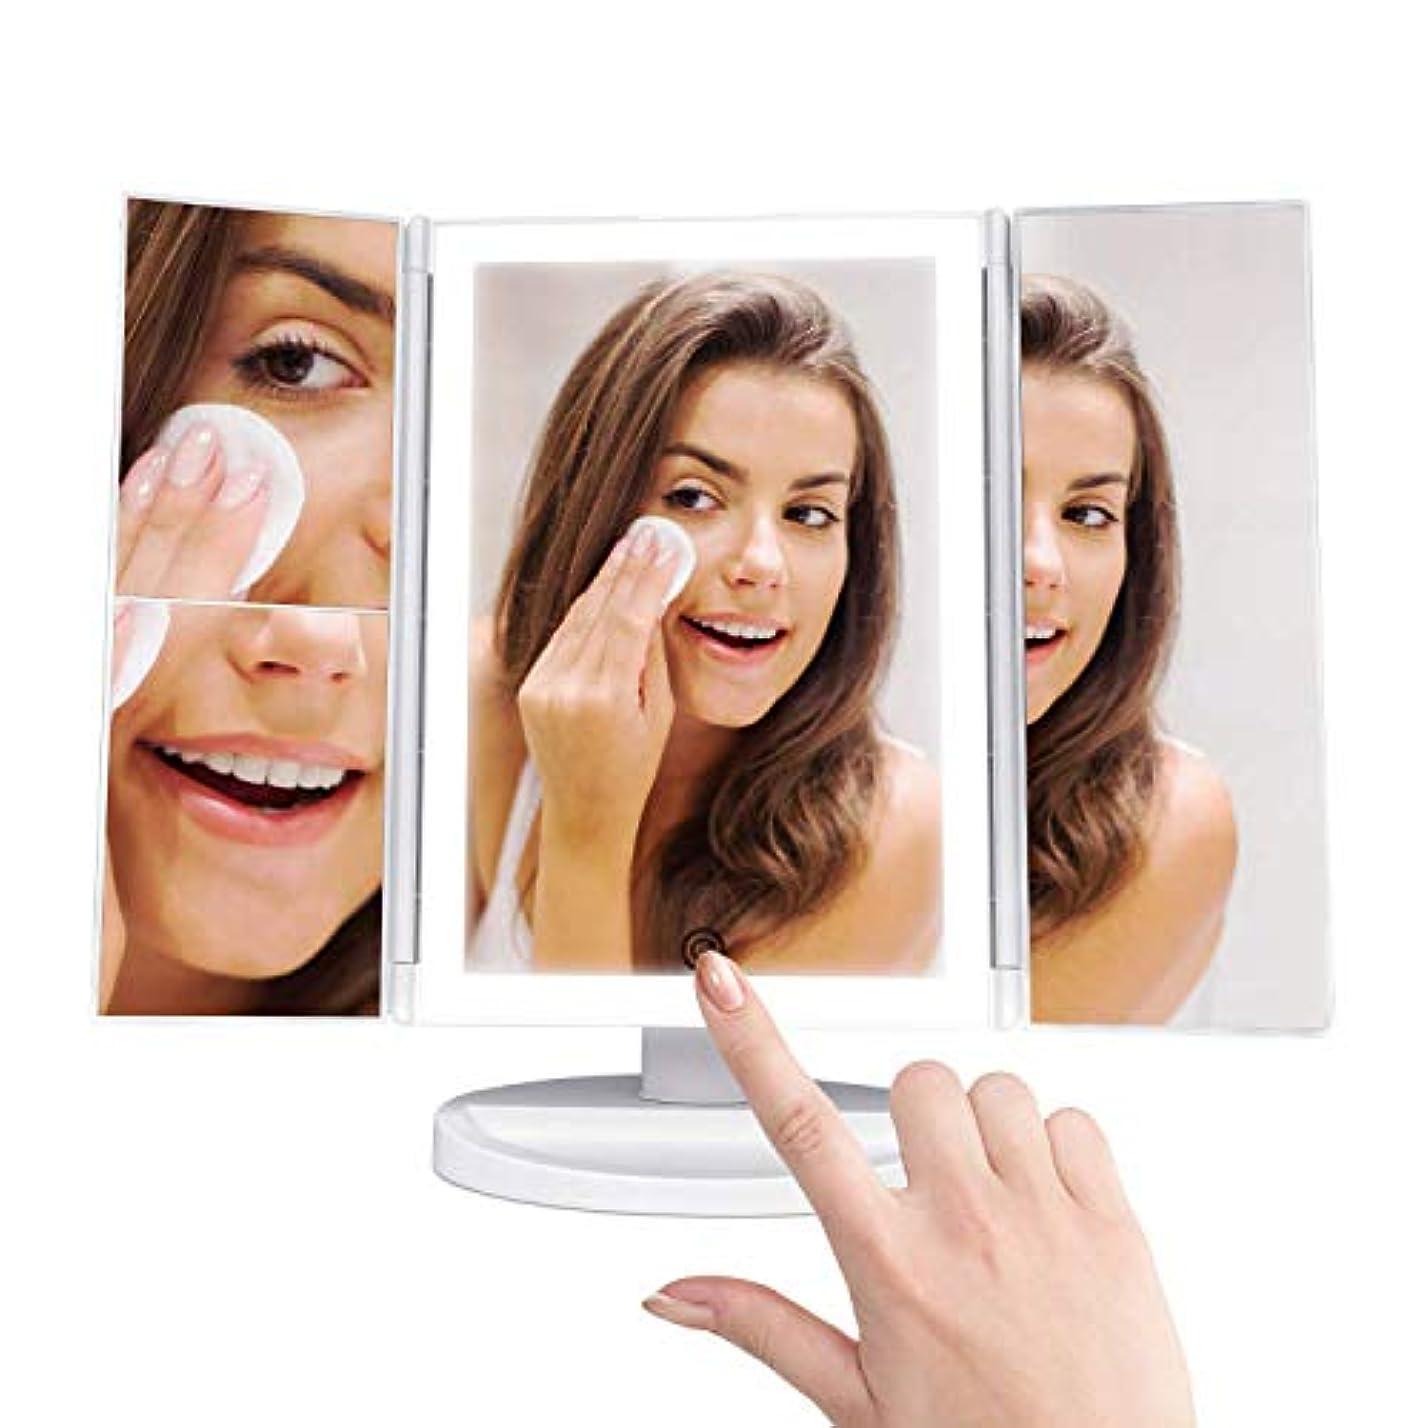 調整撤回する伸ばす卓上ミラー 折りたたみ式 三面鏡 化粧鏡 2&3&拡大鏡付き LEDライト 角度調整機能付 タッチパネル 持ち運び便利 180度自由に回転 電池またはUSB給電(ホワイト)